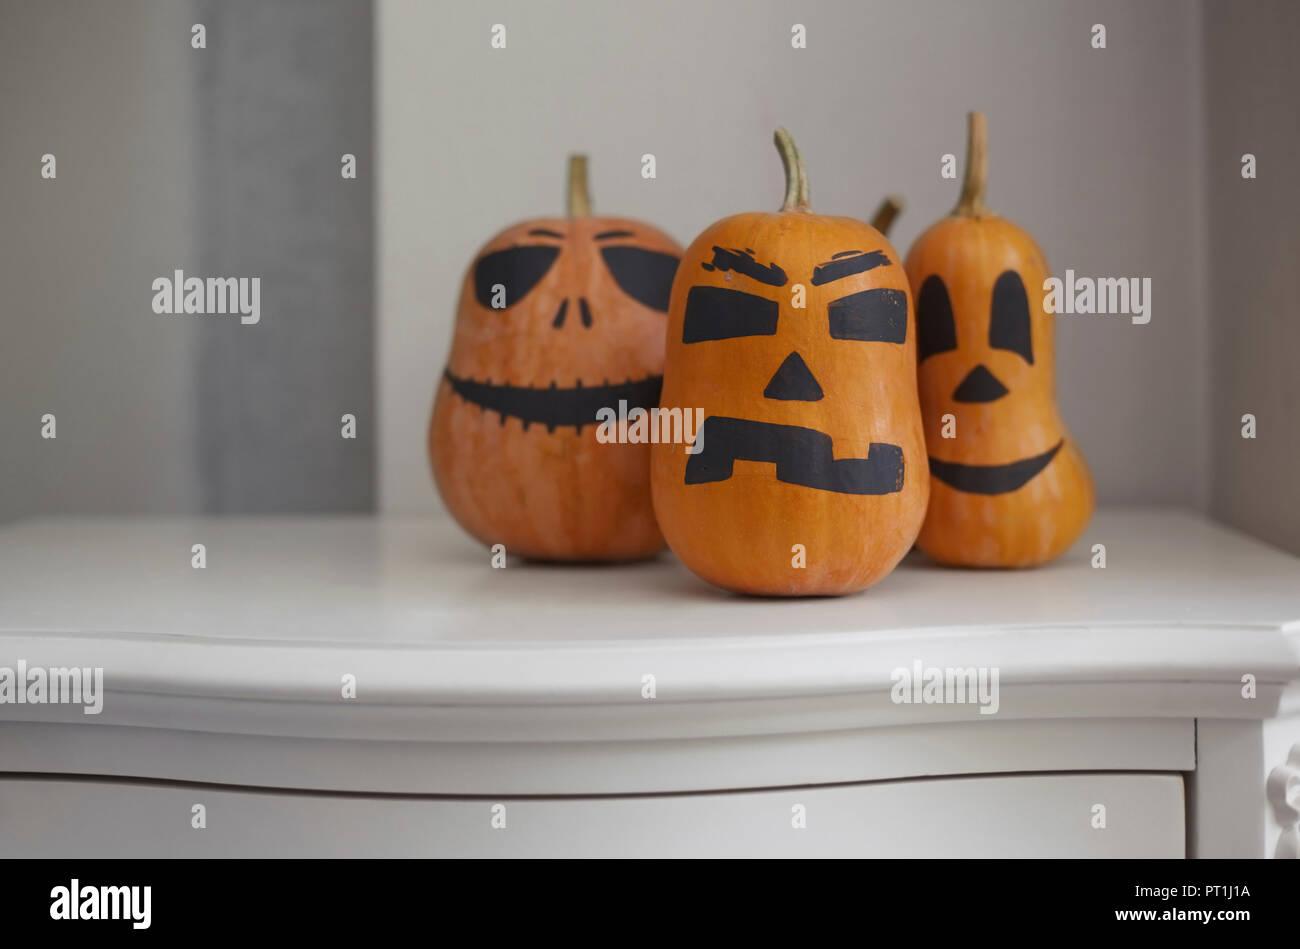 Las calabazas pintadas para halloween foto imagen de stock 221312262 alamy - Calabazas de halloween pintadas ...